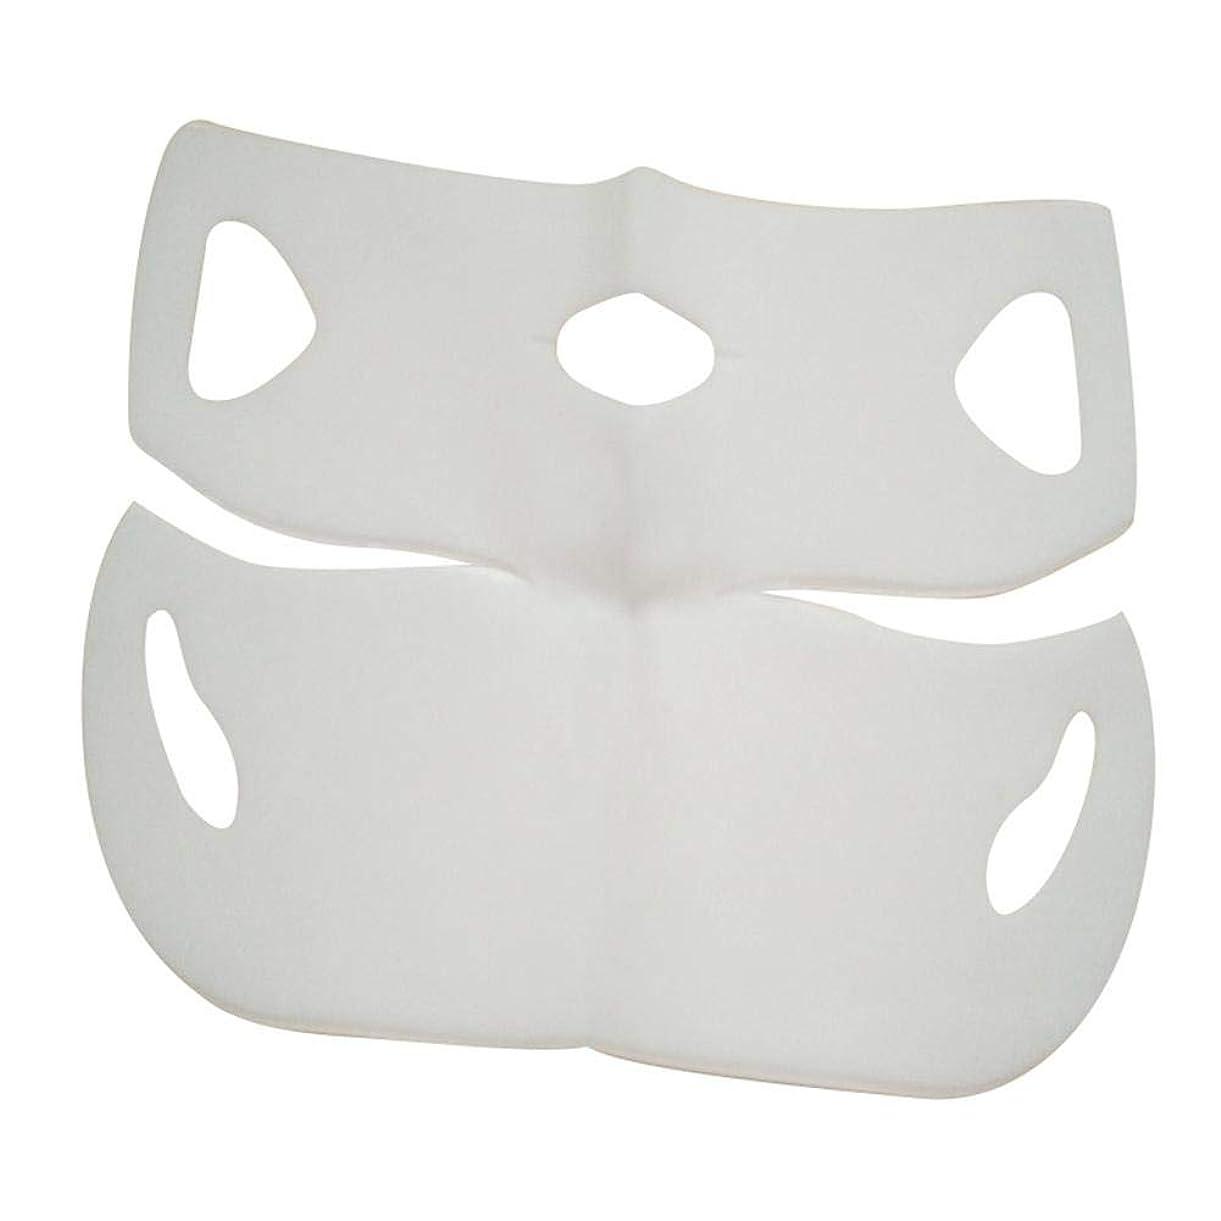 エミュレーション乱気流レディSILUN 最新型 4D Vフェイシャルマスク フェイスマスク 小顔 マスク フェイスラインベルト 美顔 顔痩せ 肌ケア 保湿 毛細血管収縮 睡眠マスク